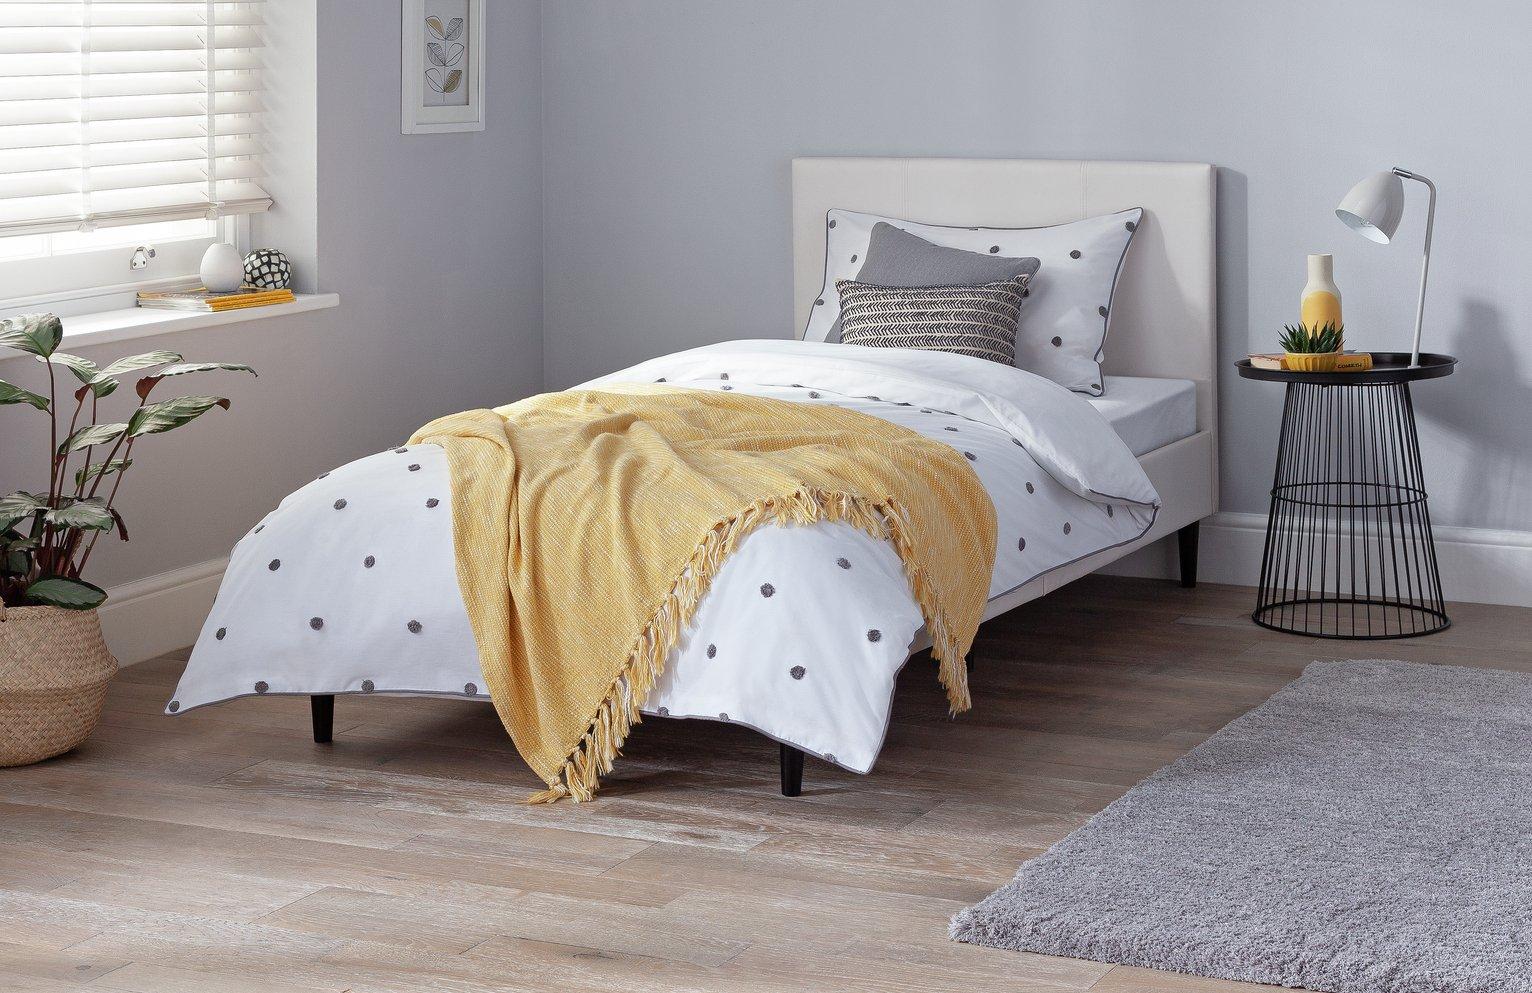 Argos Home Skylar Single Bed Frame - White